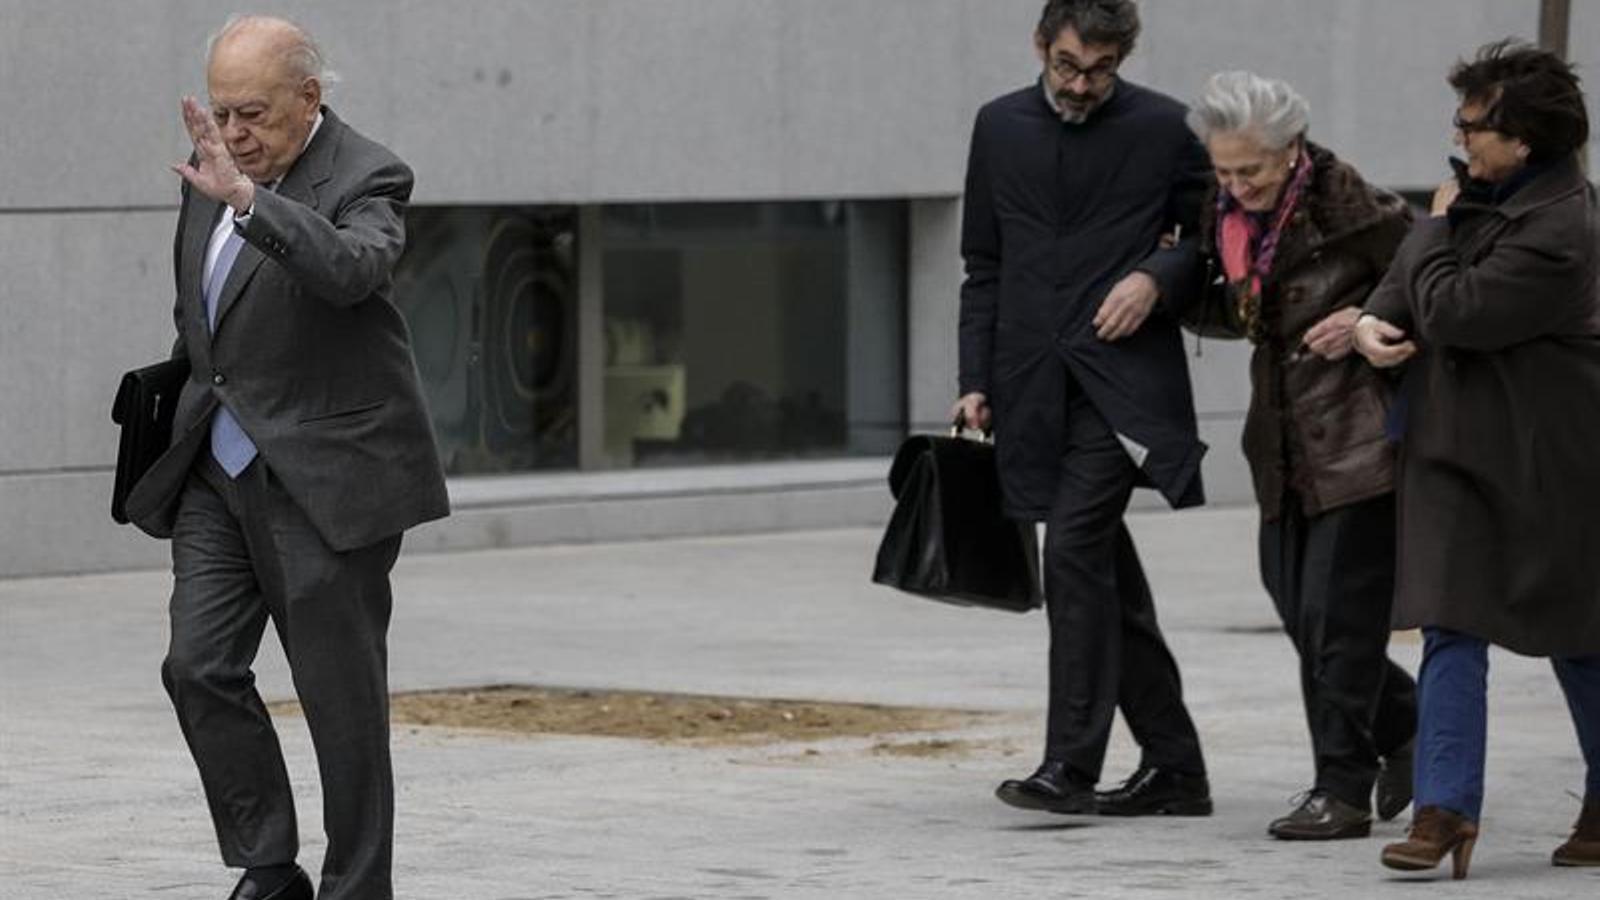 Jordi Pujol Soley i Marta Ferrusola amb el seu equip d'advocats a l'entrada de l'Audiència Nacional de Madrid / EFE